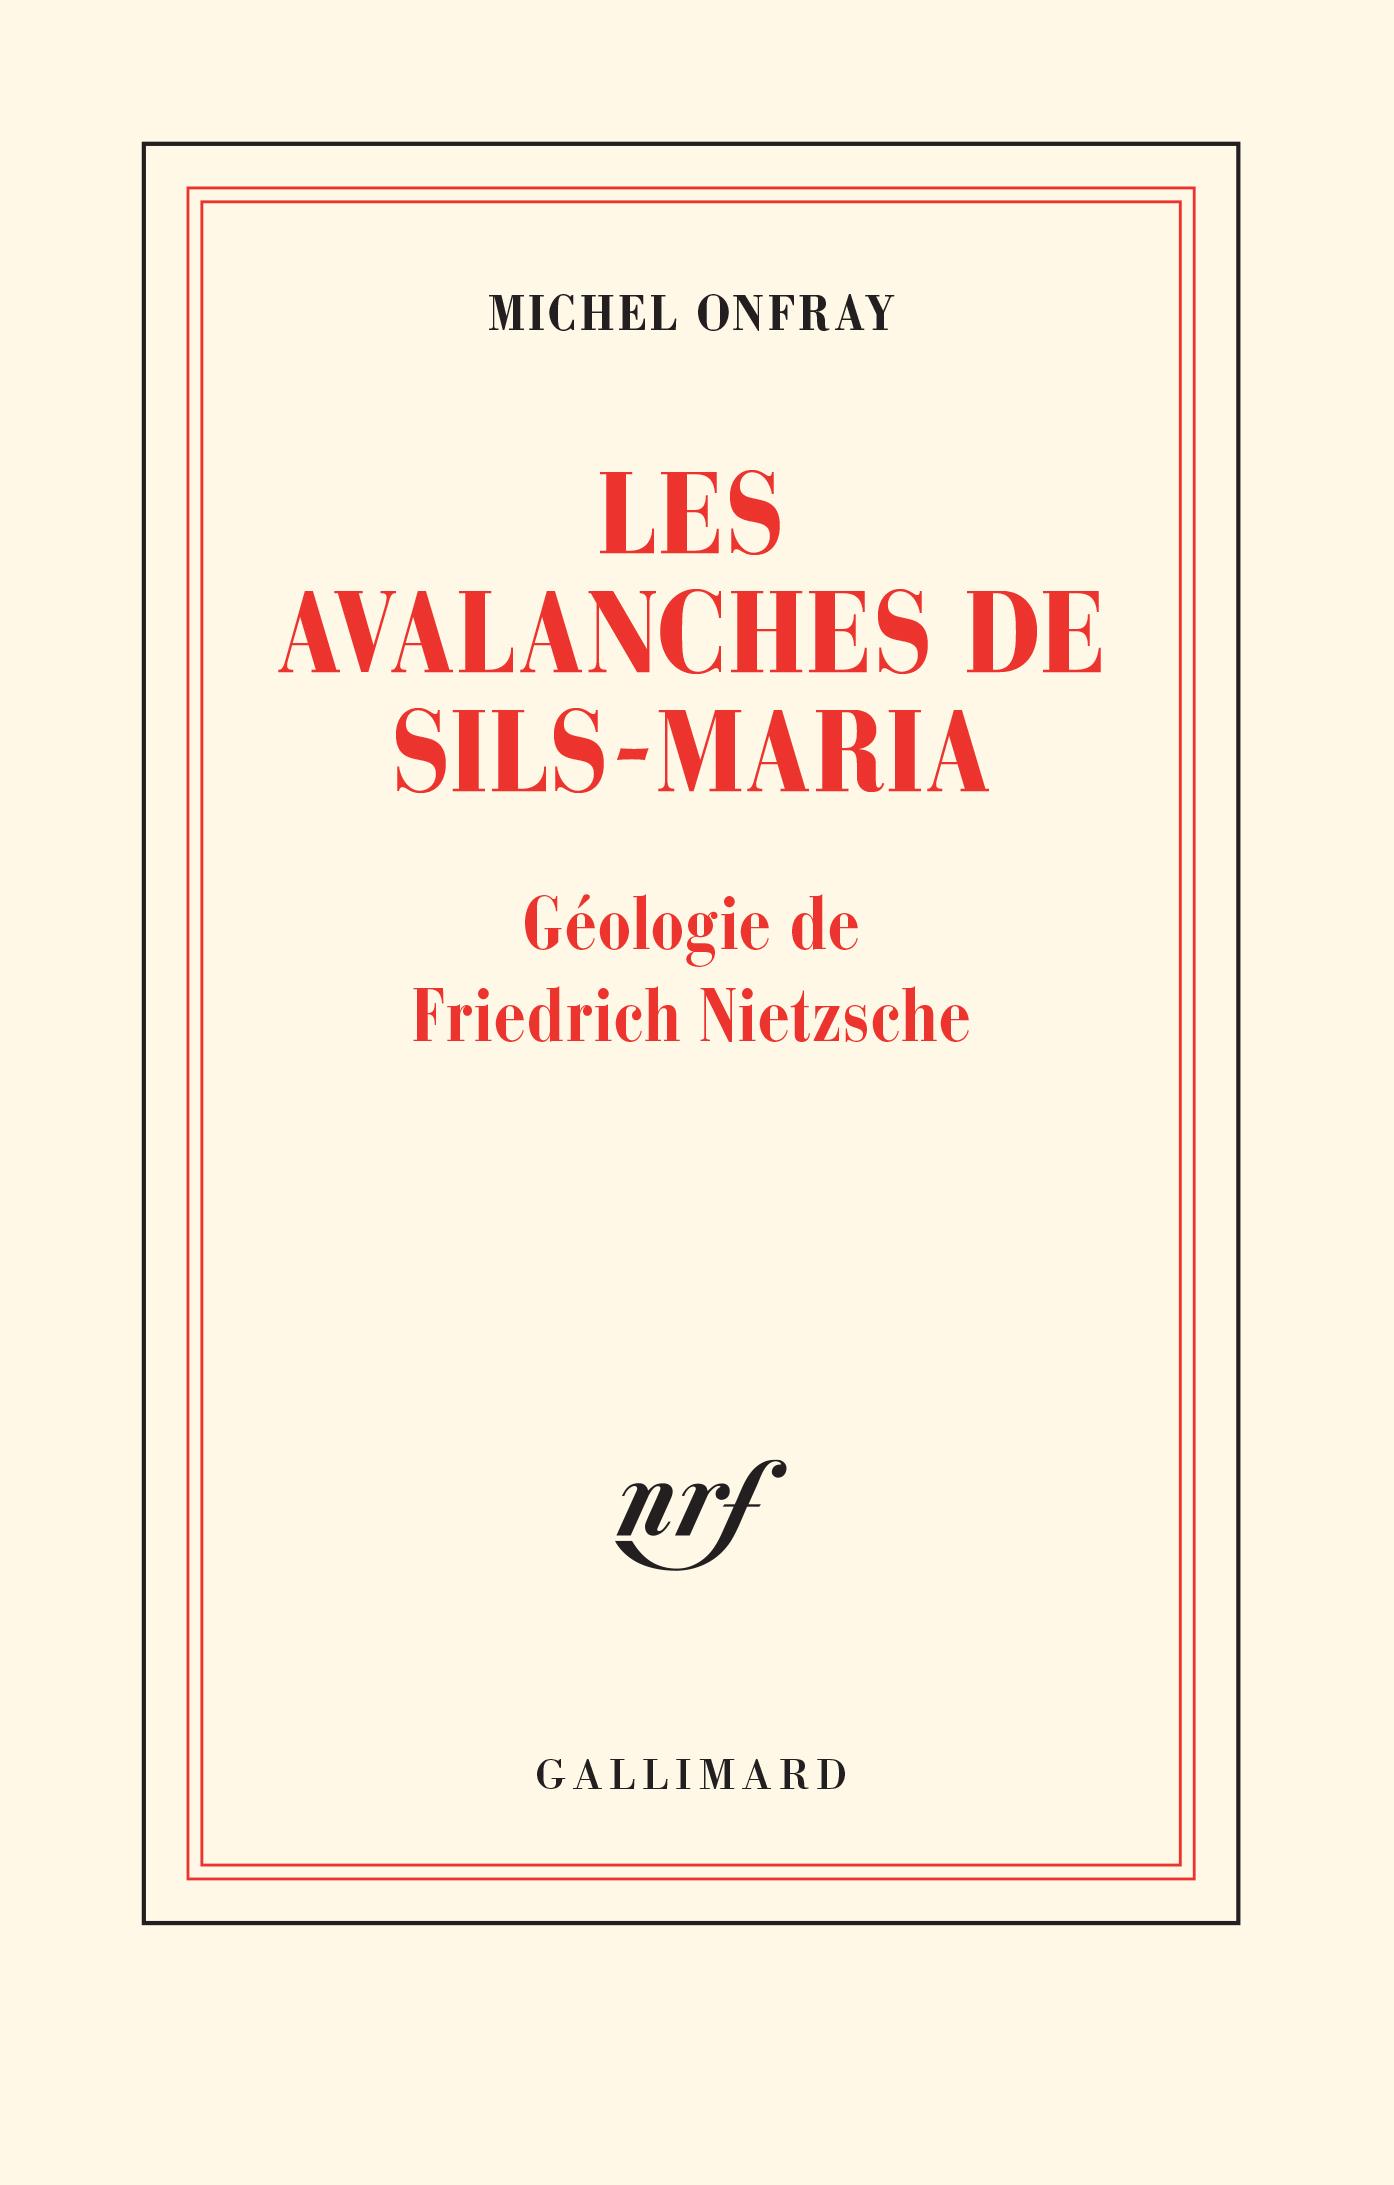 LES AVALANCHES DE SILS-MARIA - GEOLOGIE DE FREDERIC NIETZSCHE